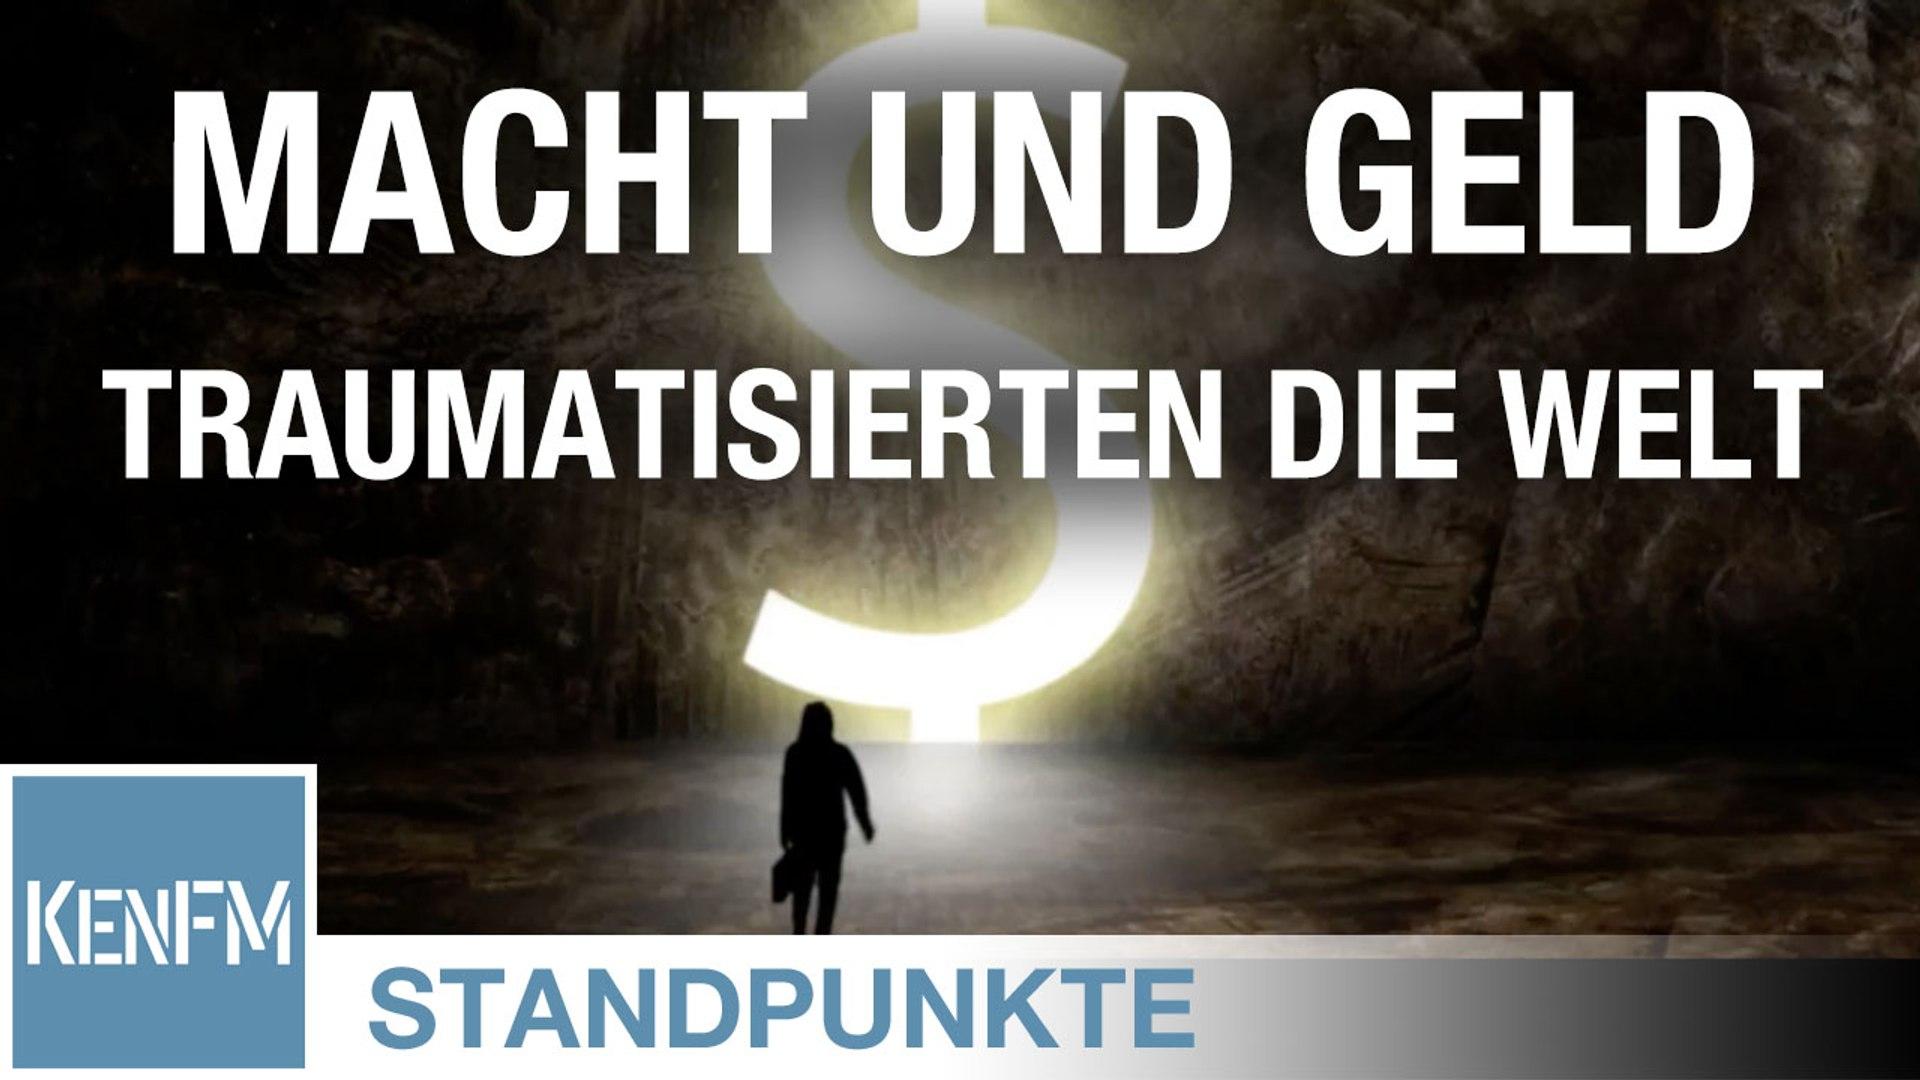 STANDPUNKTE • Macht und Geld traumatisierten die Welt im Namen der Gesundheit